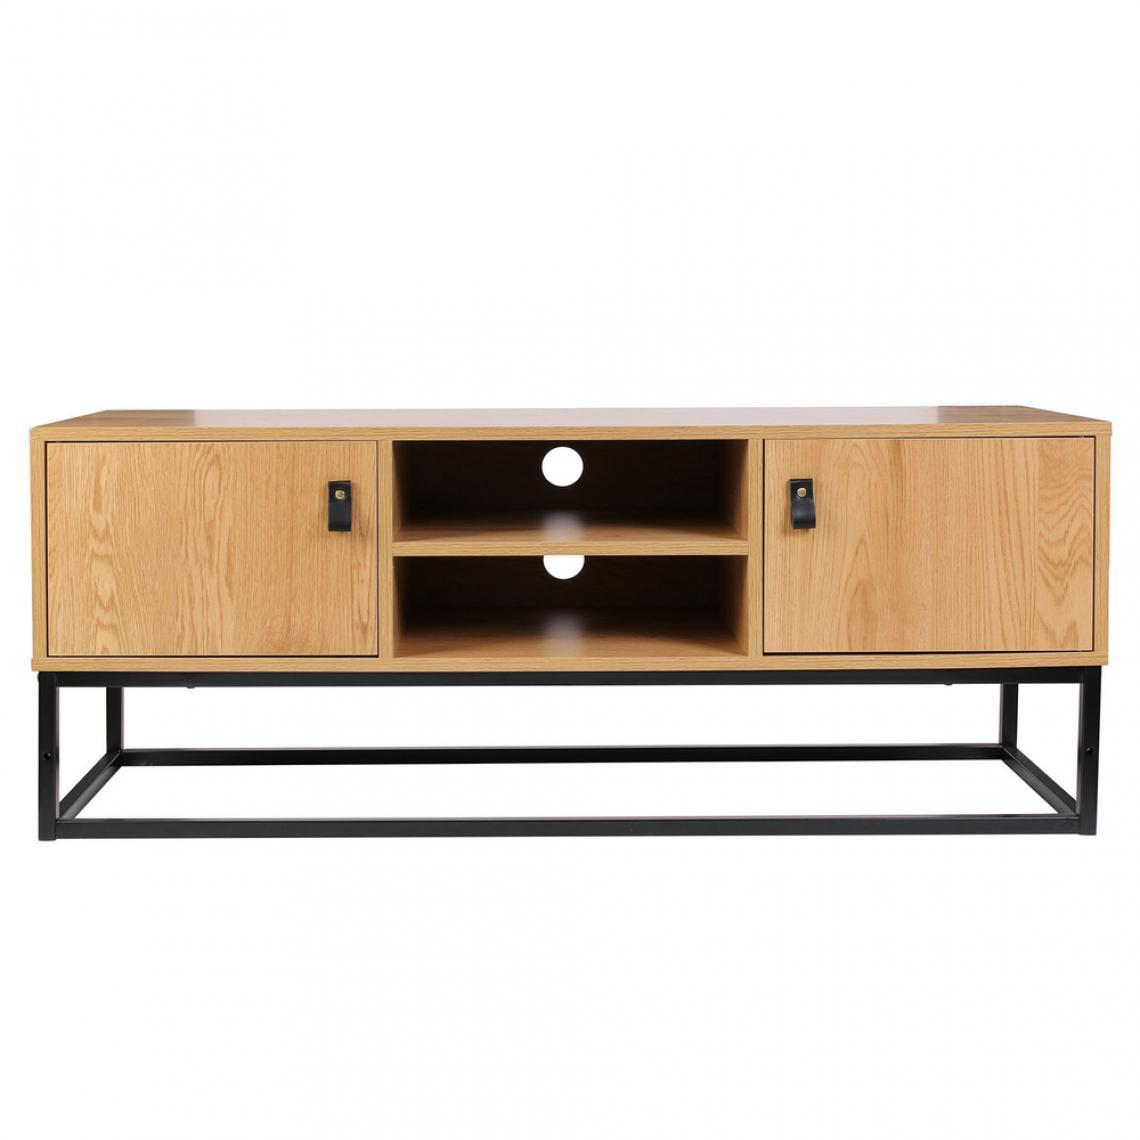 meuble tv industriel bois et metal